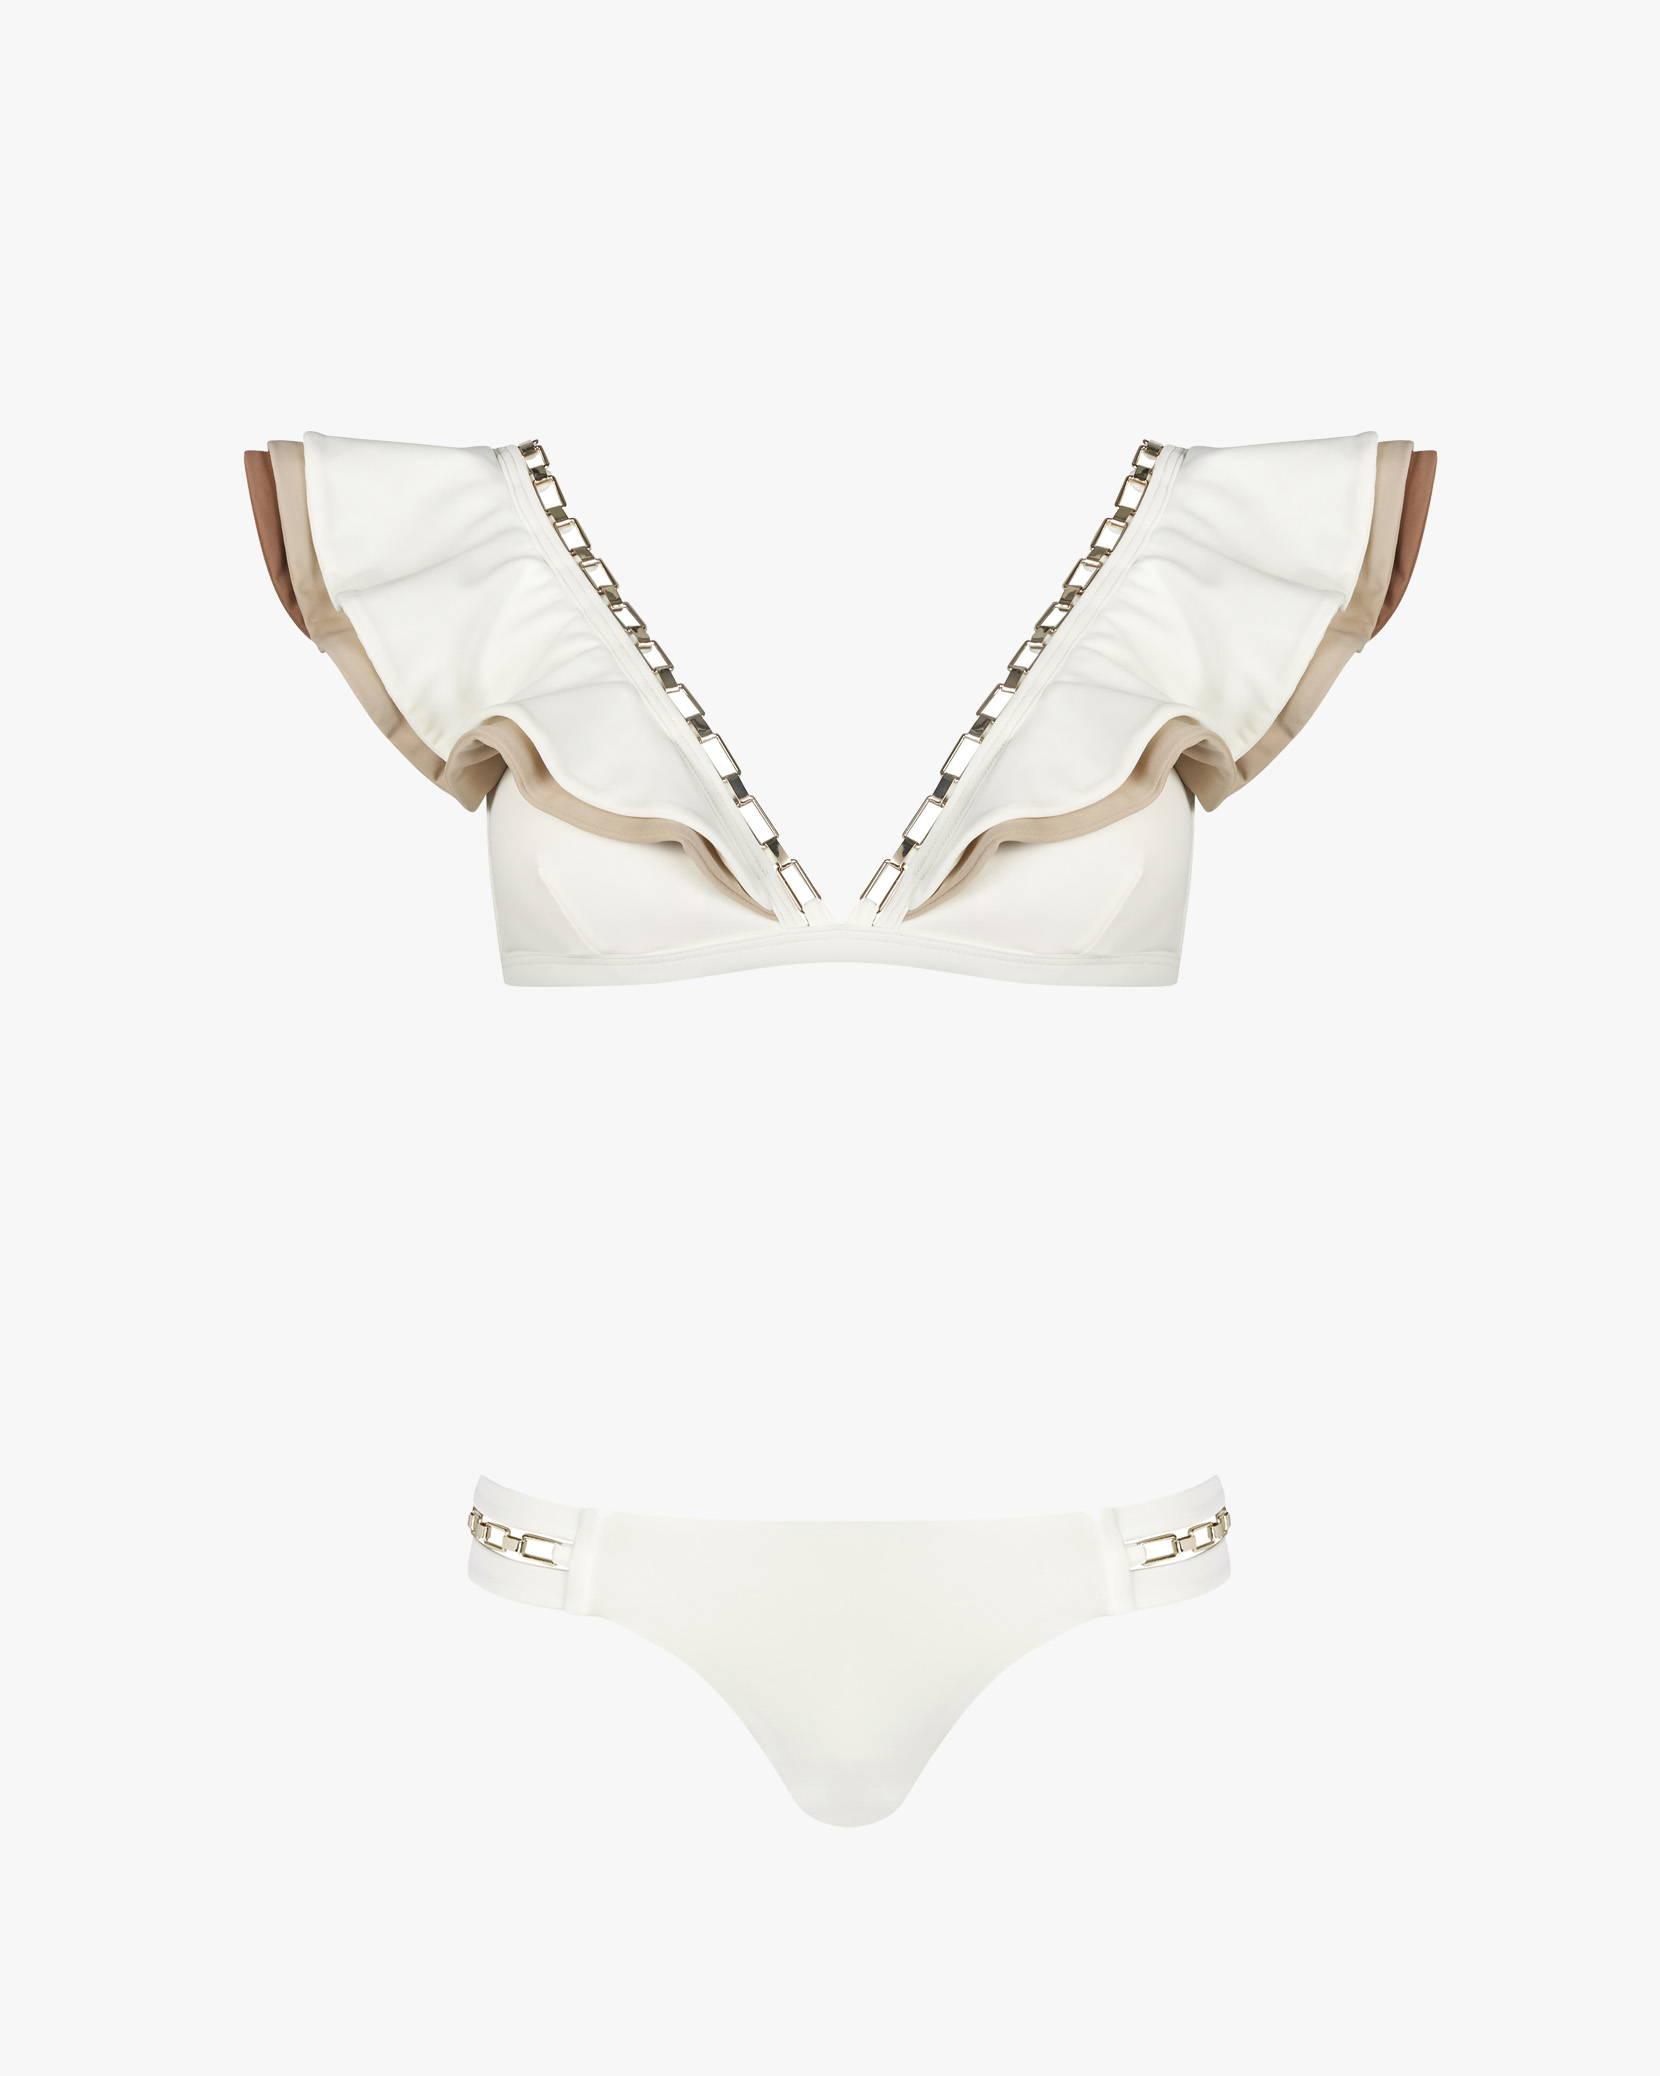 Lily & Rose Swimwear Lola bikini in vanilla